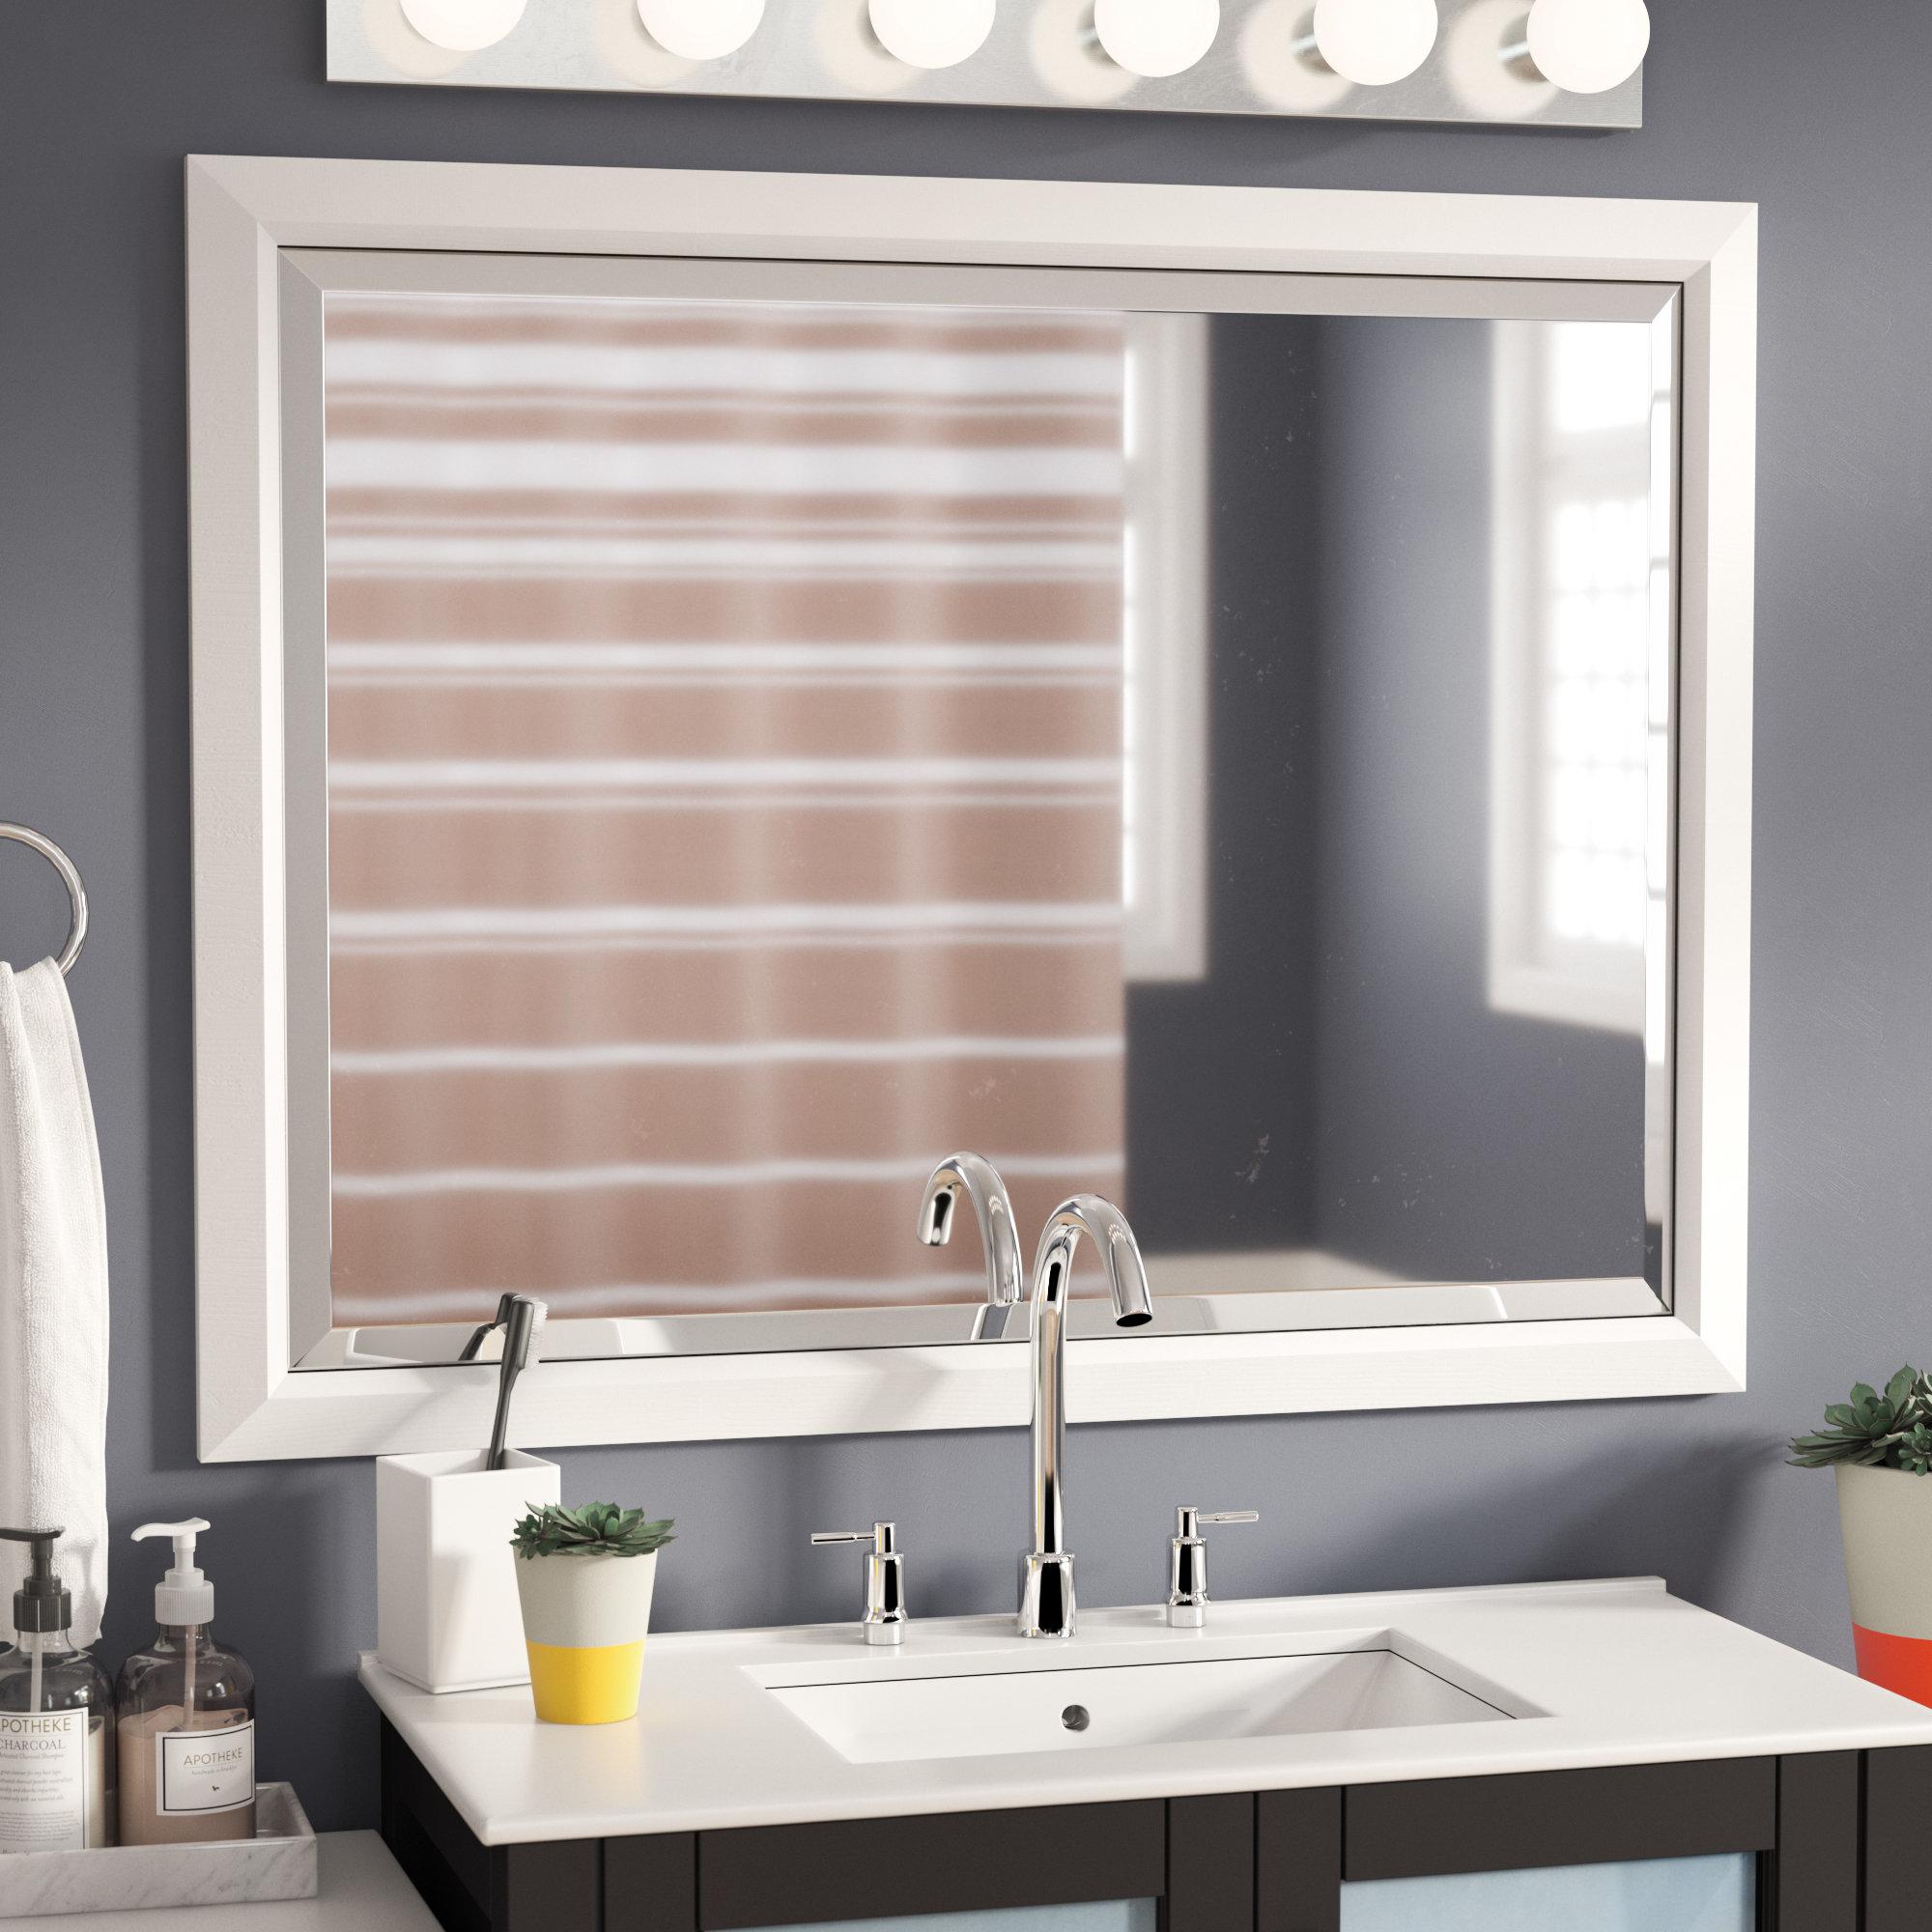 Ebern Designs Wilkes Bathroom/vanity Mirror Regarding Northend Wall Mirrors (View 6 of 20)